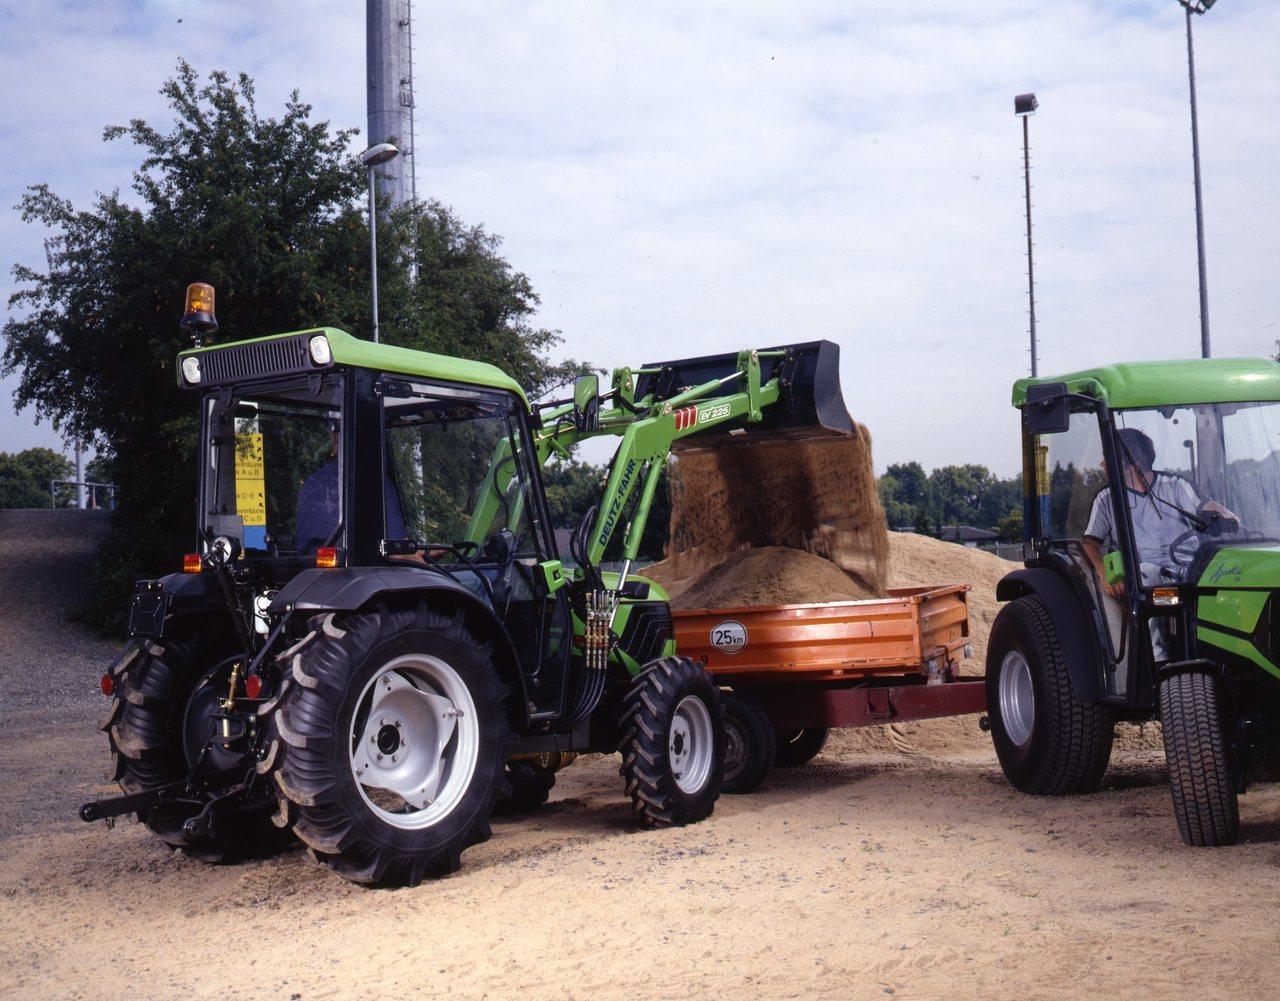 [Deutz-Fahr] trattore Agrokid 25-34-45 al lavoro con pala caricatrice e rimorchio